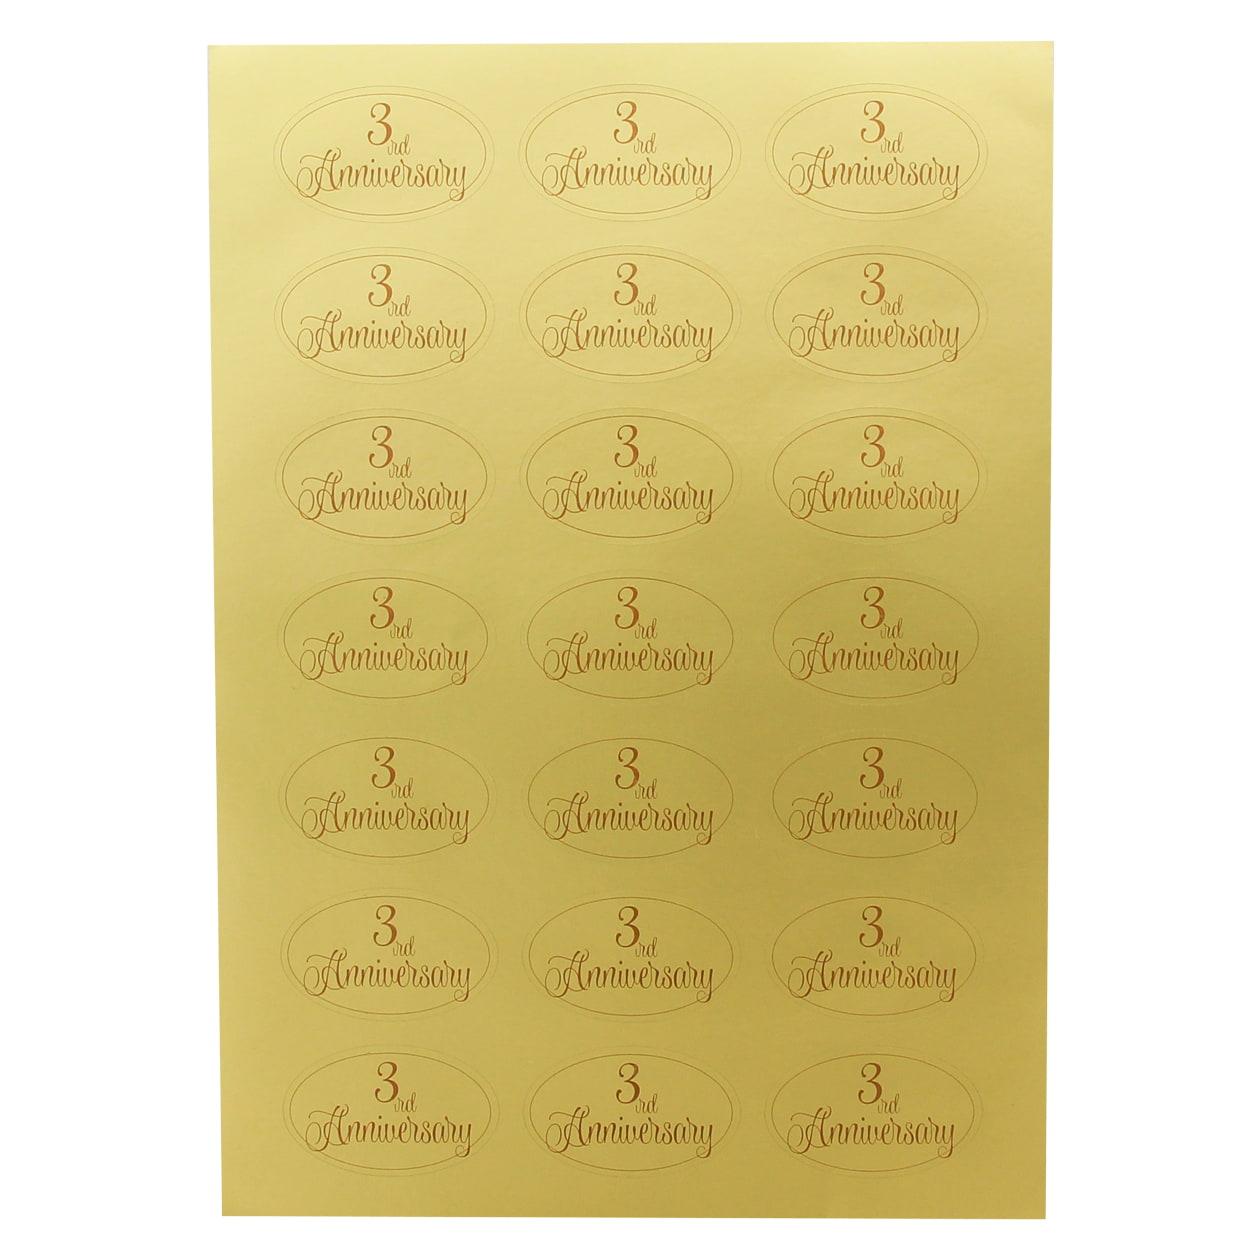 美容サロンの3周年記念ご挨拶状用封緘シール